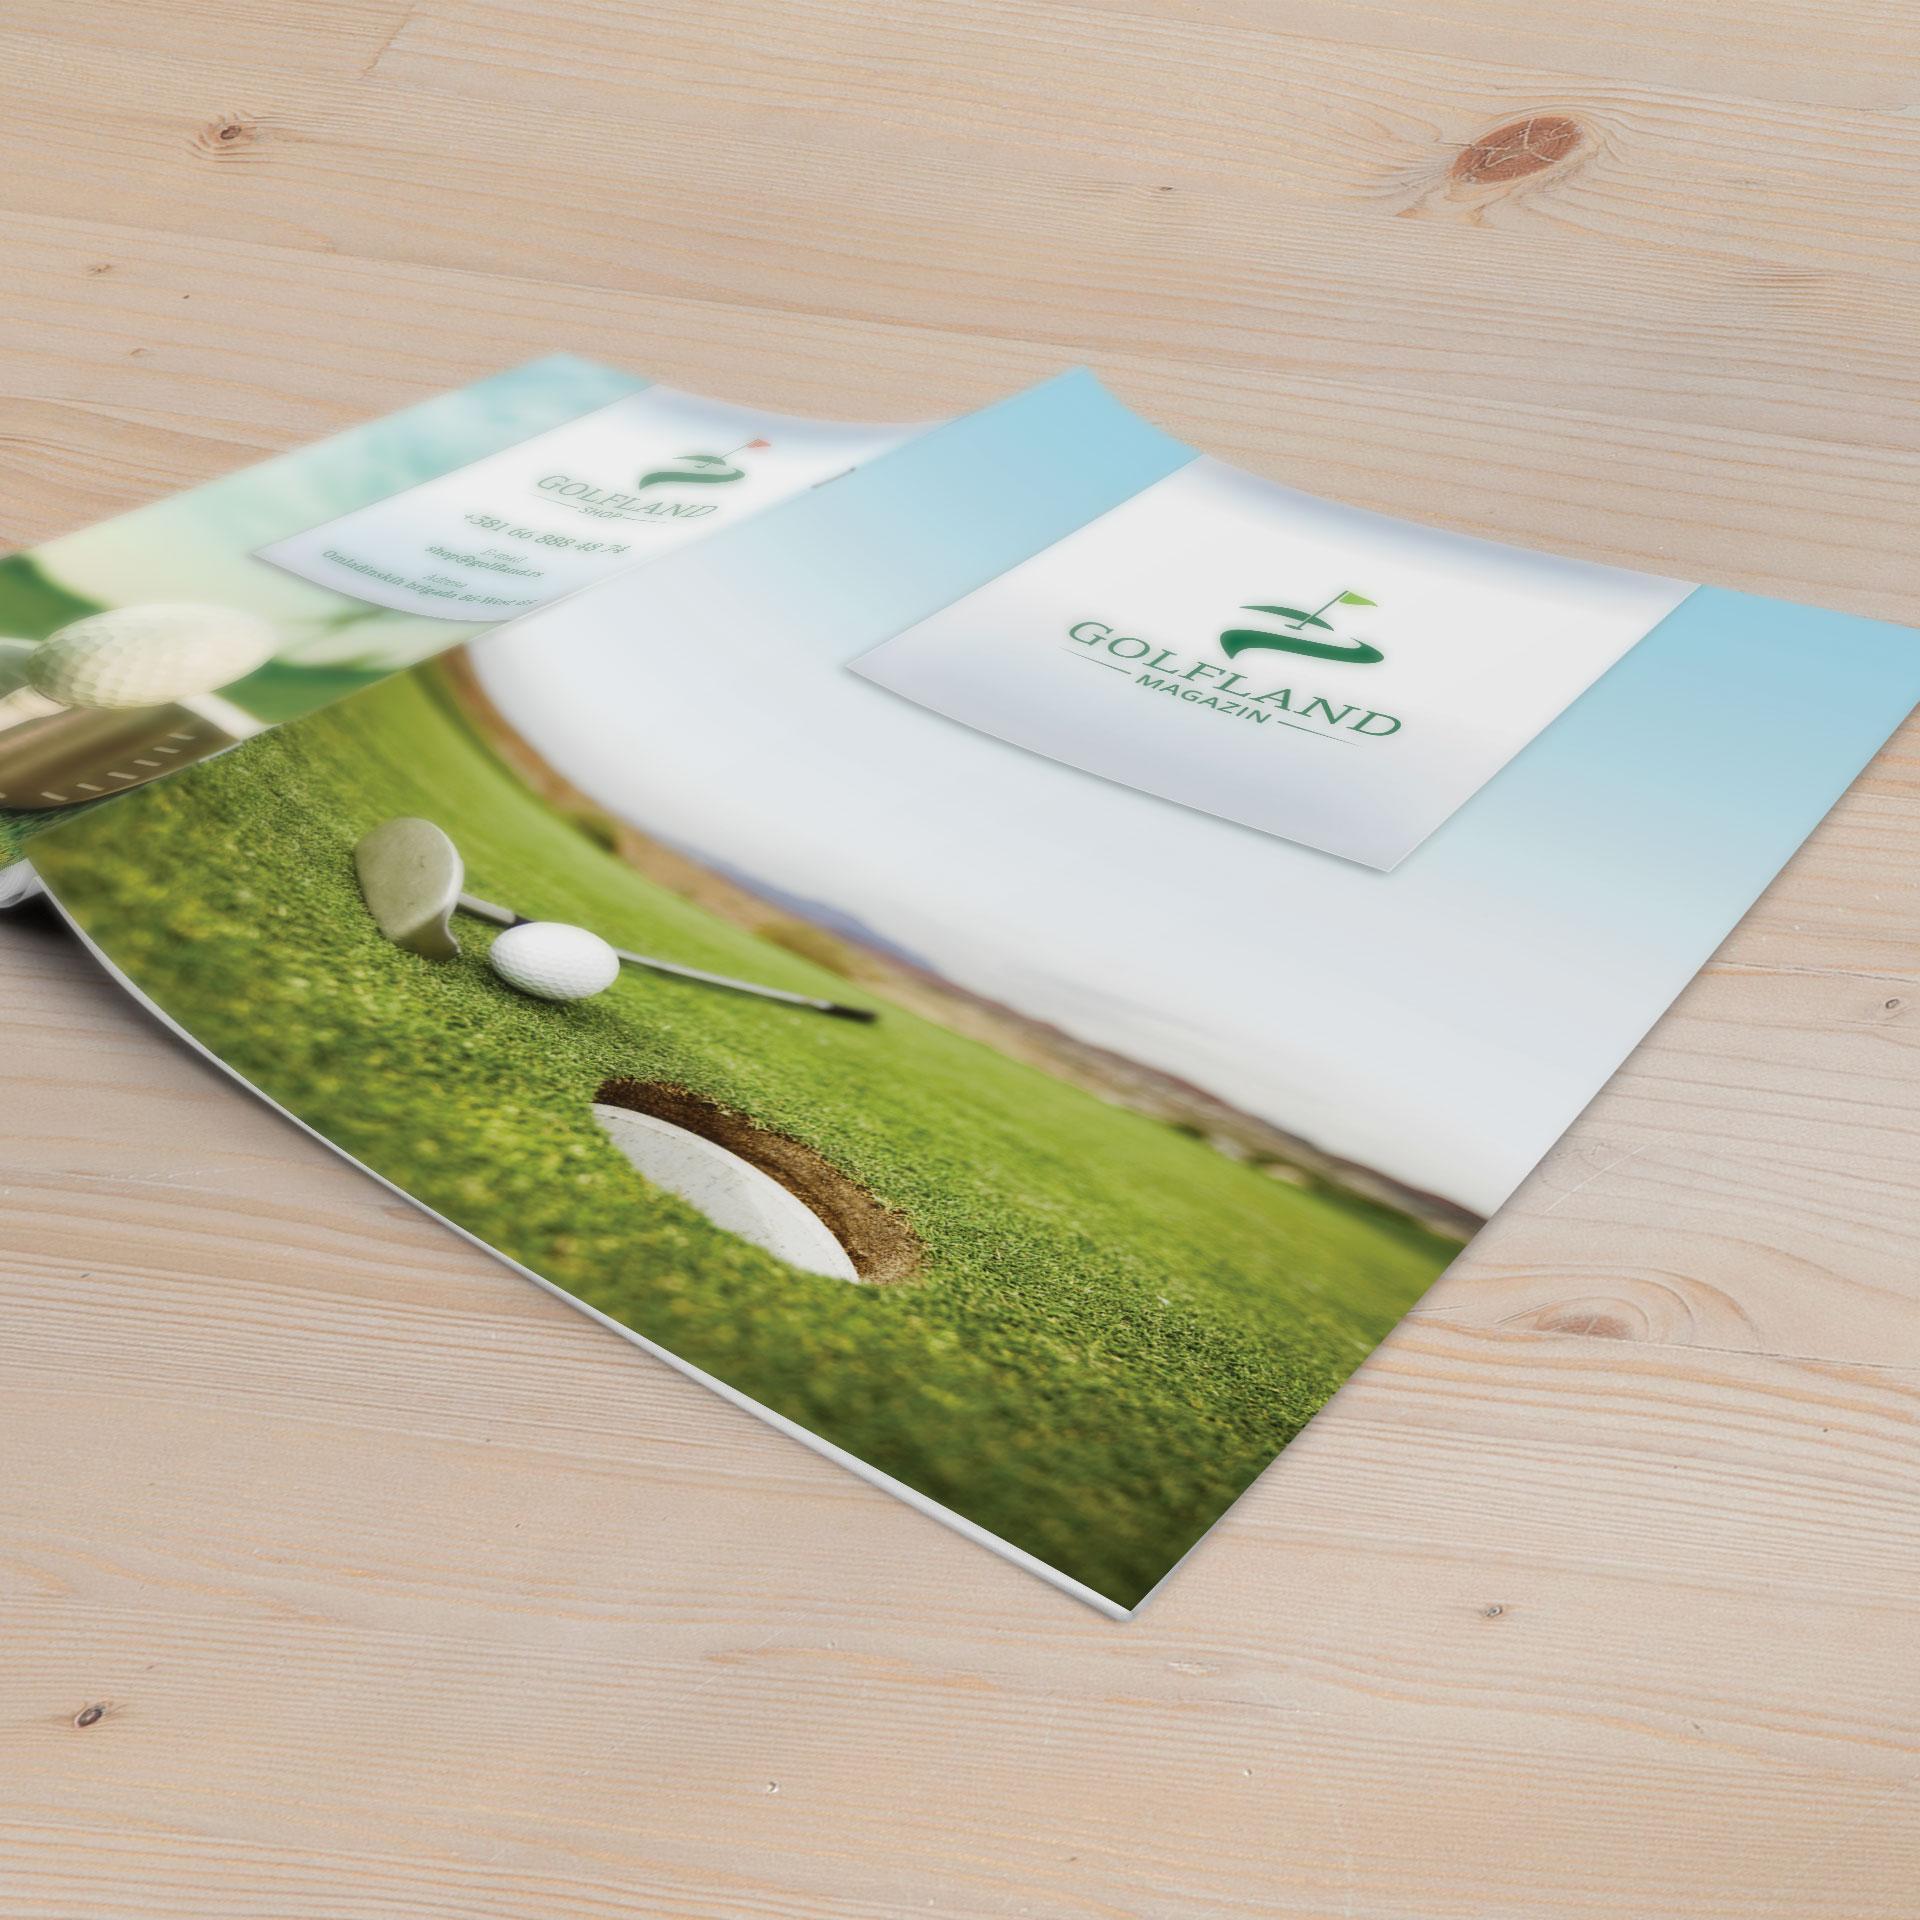 Dizajn korice brošure za Golfland Shop & Tour